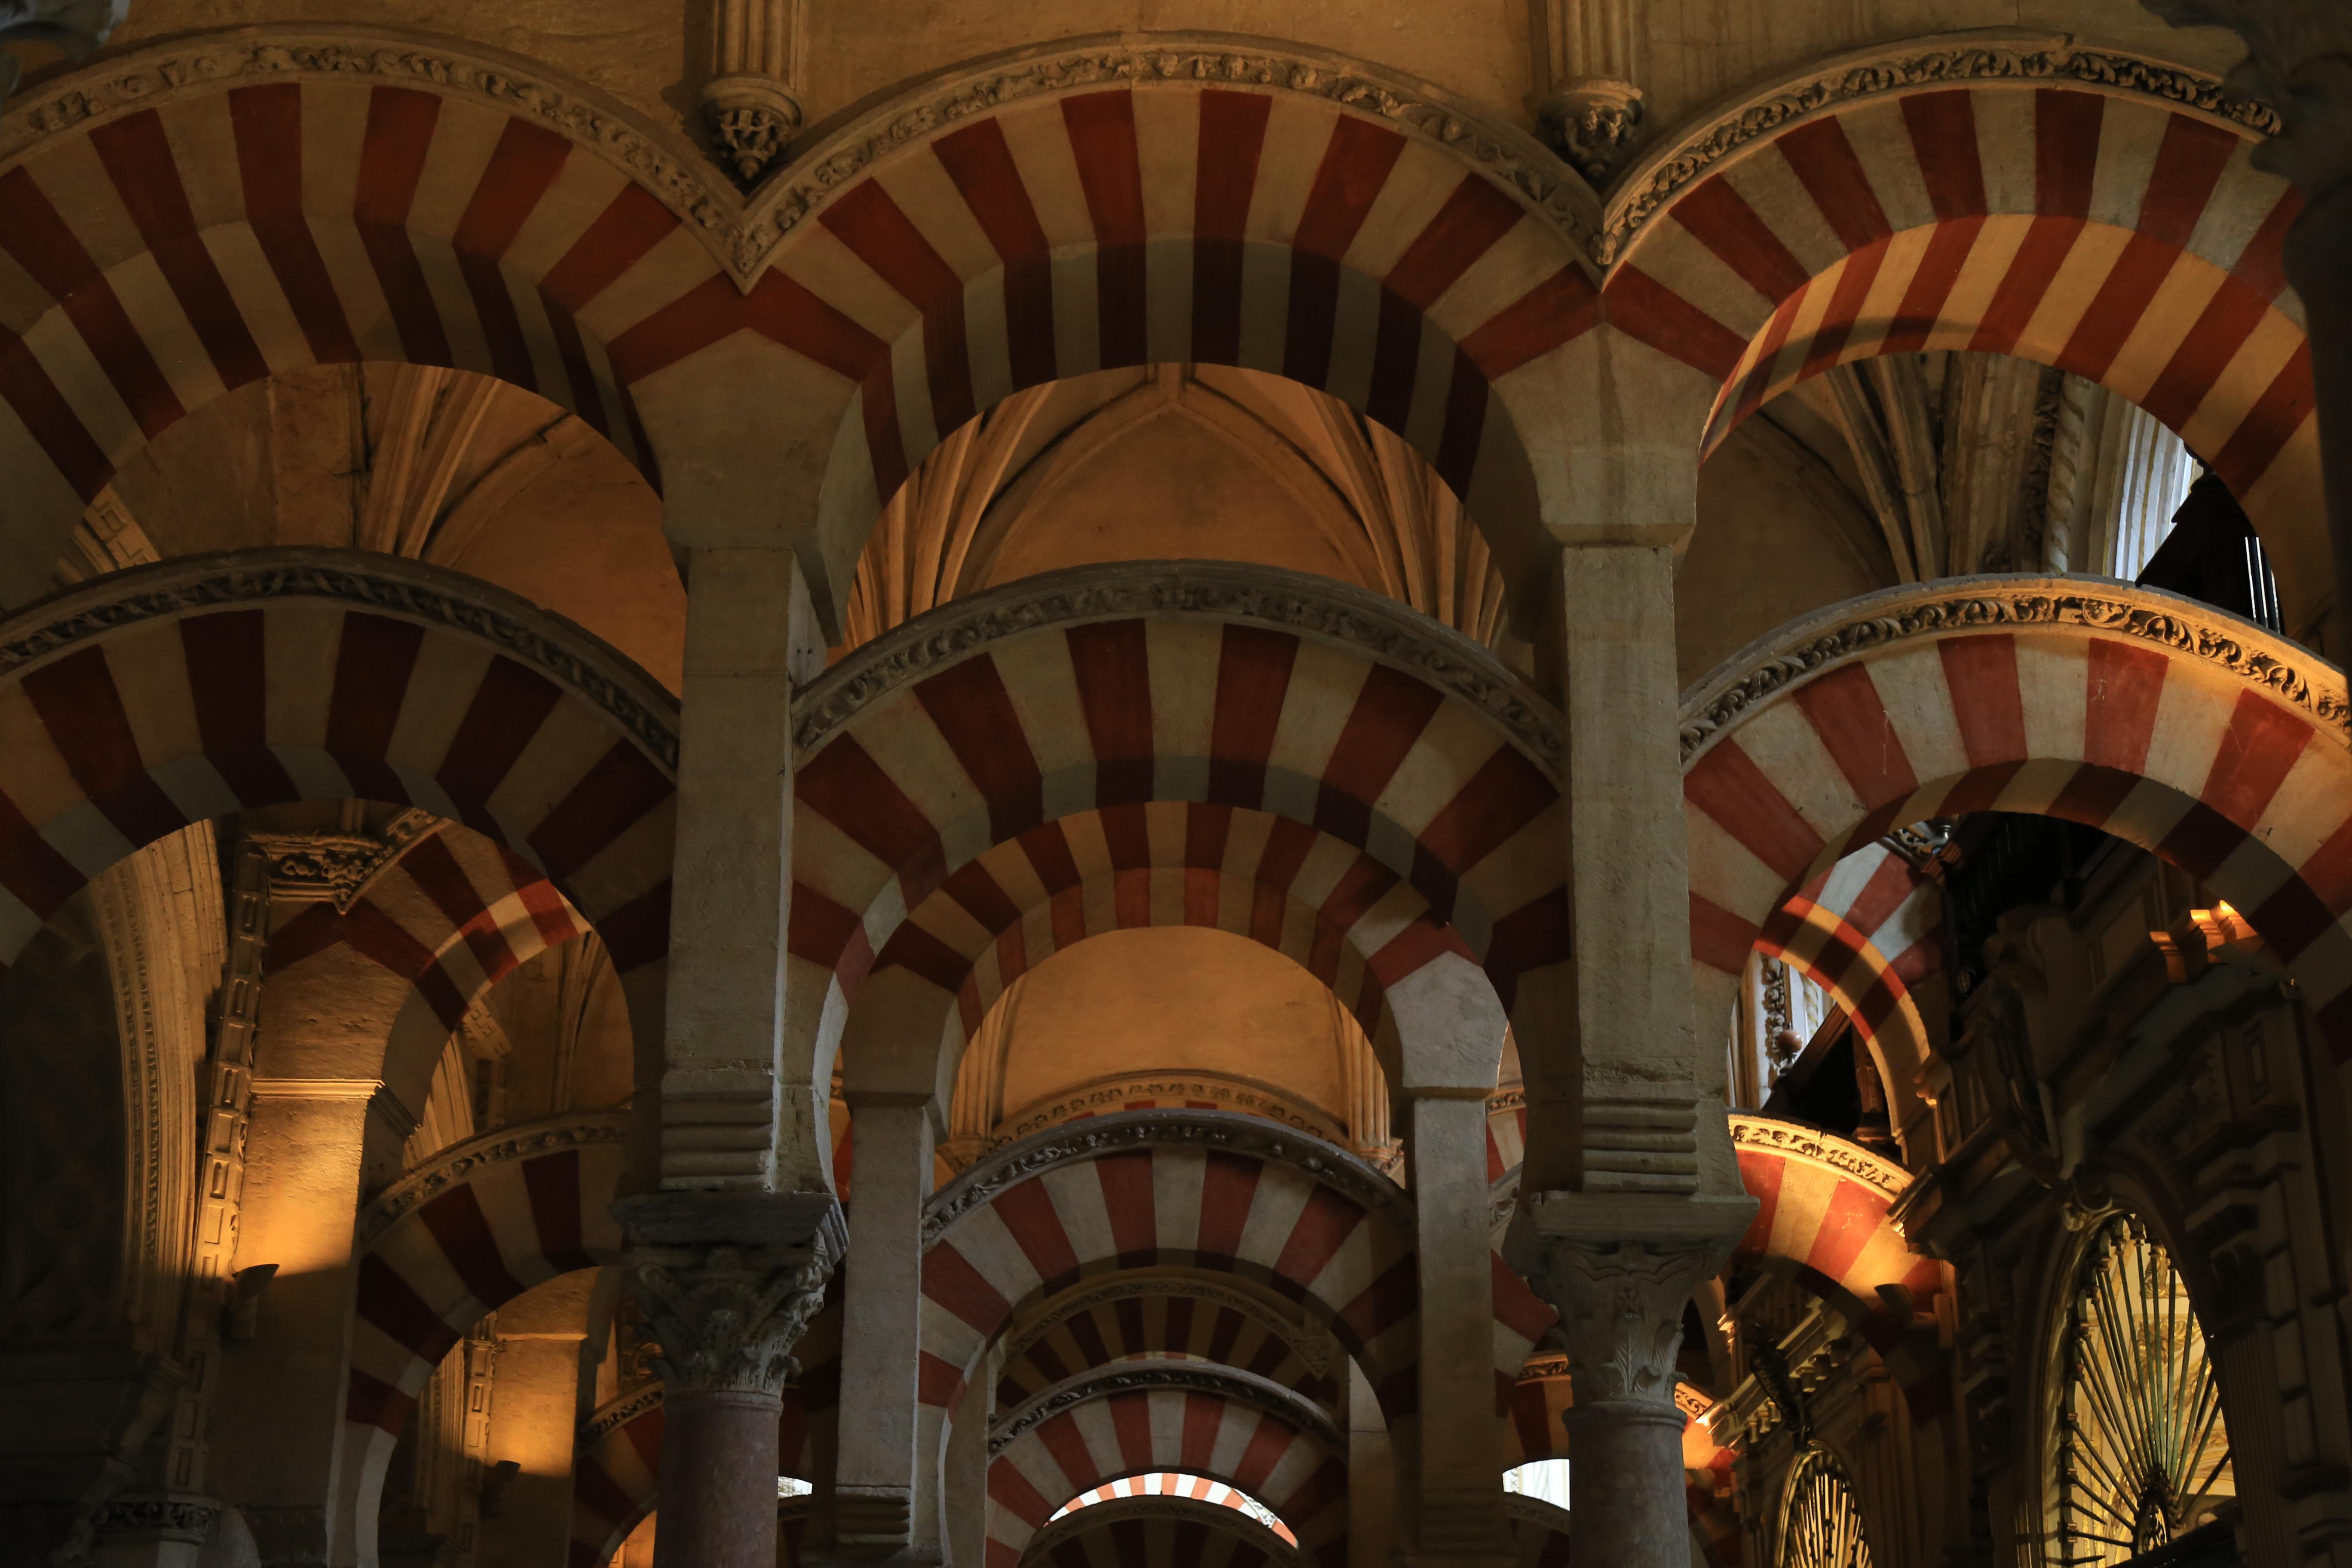 Mezquita-arches2